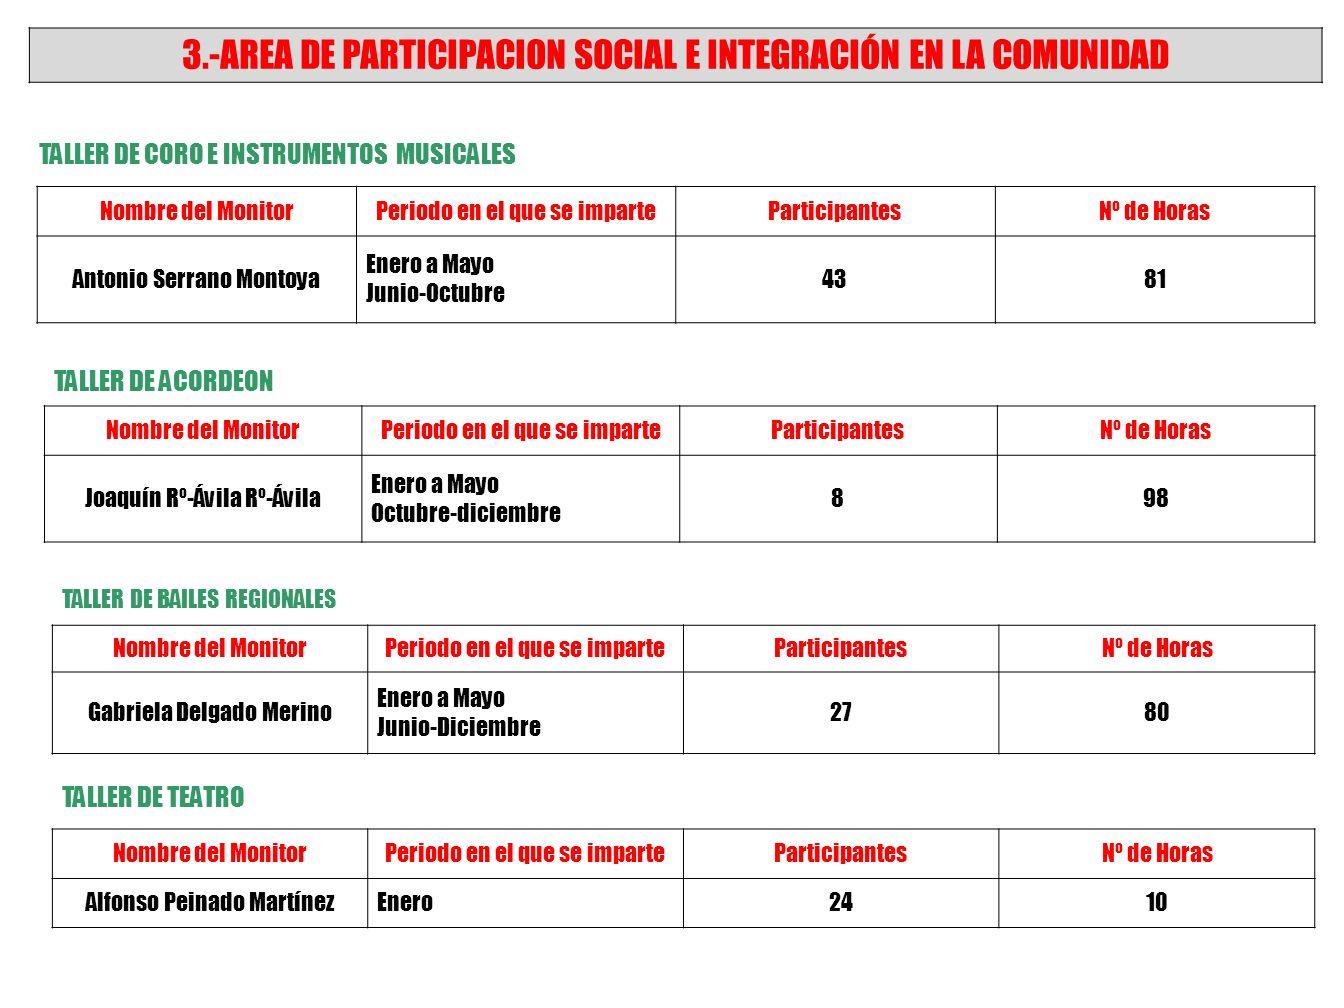 3.-AREA DE PARTICIPACION SOCIAL E INTEGRACIÓN EN LA COMUNIDAD